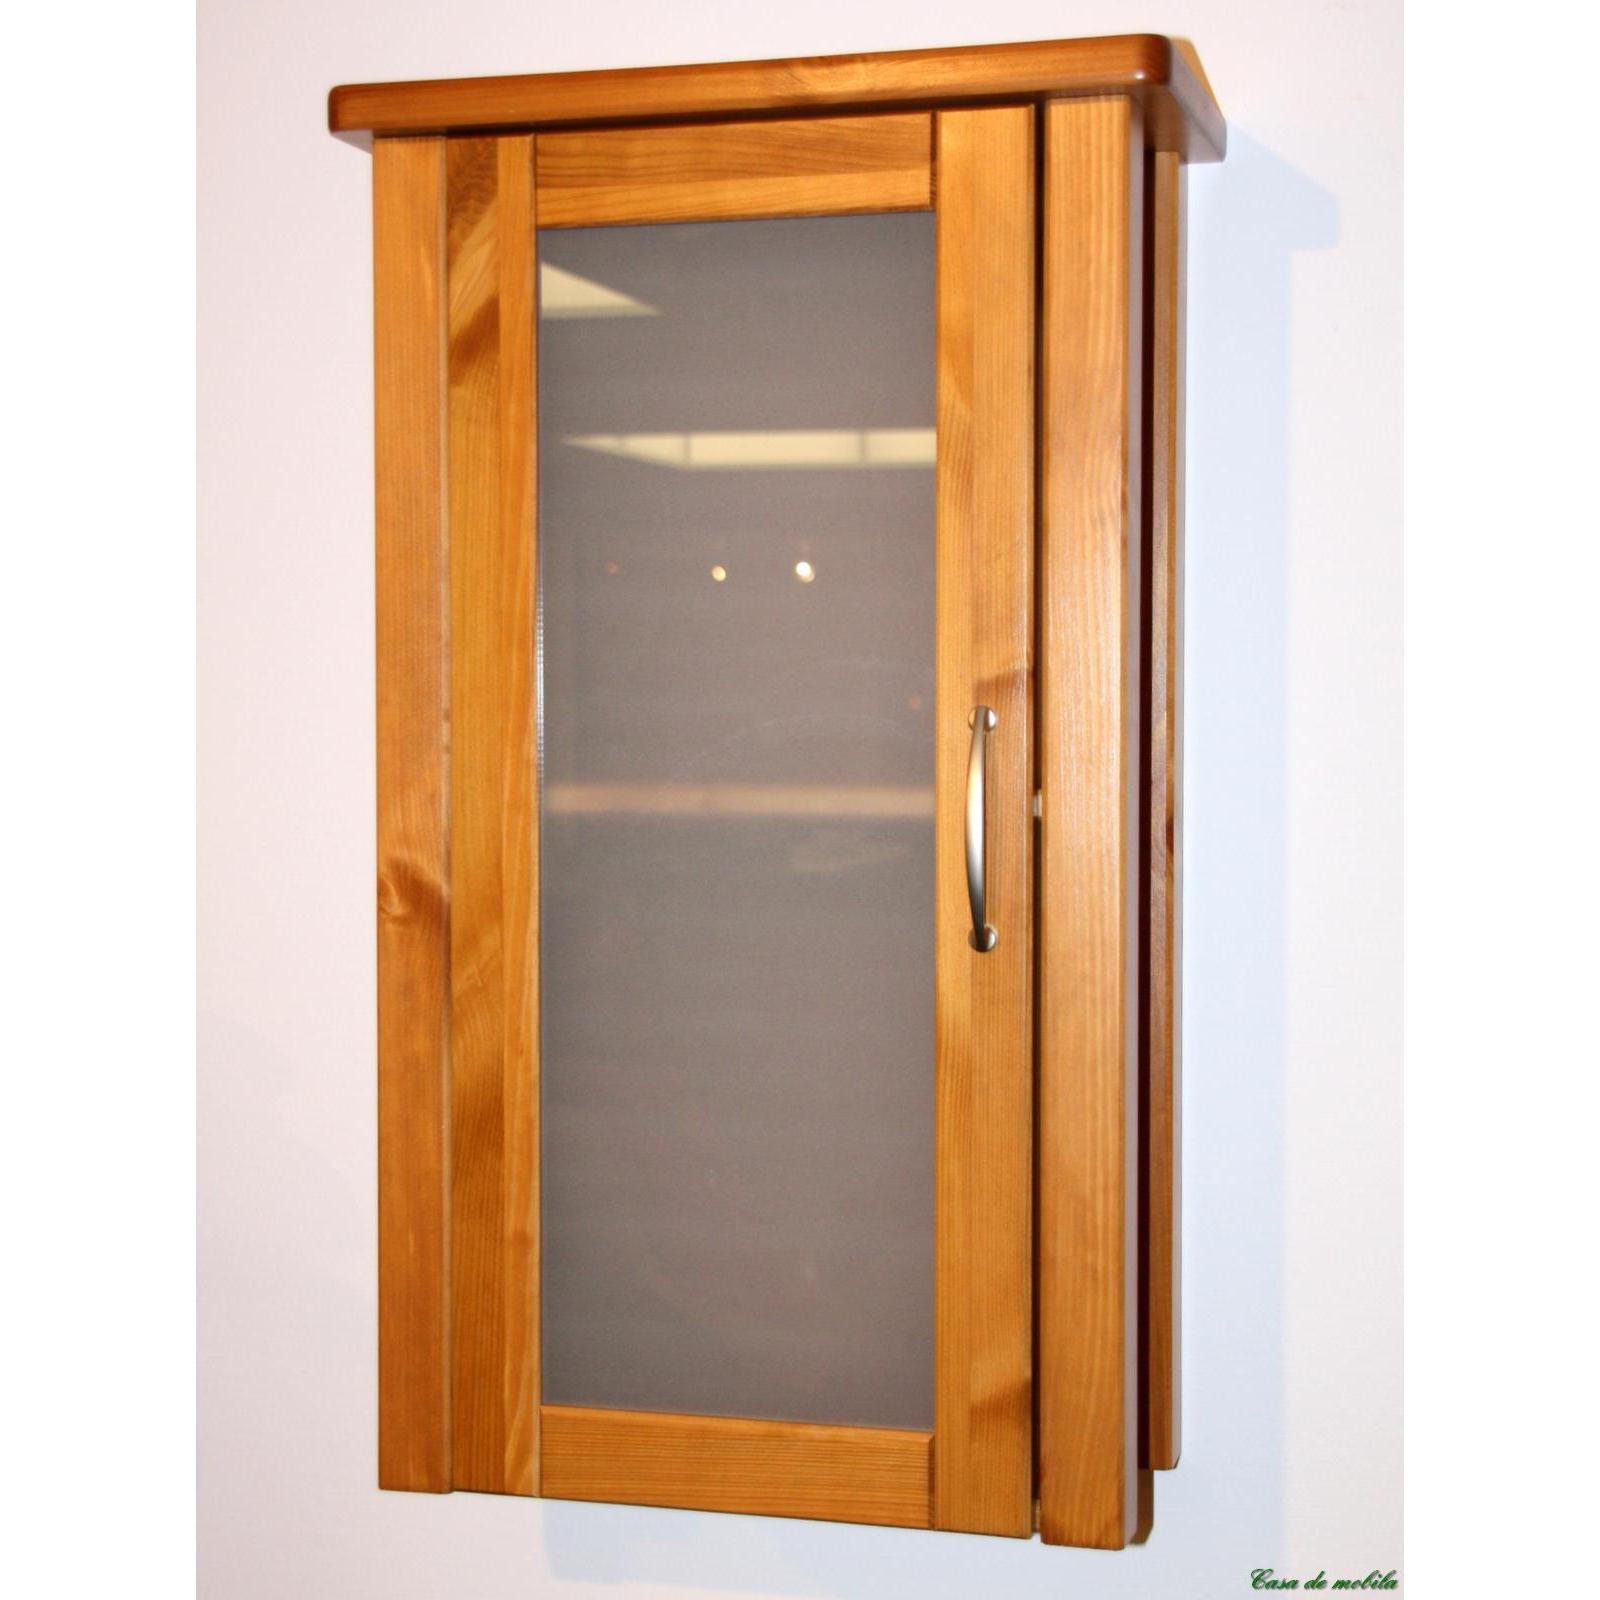 massivholz badm bel h ngeschrank badschrank kiefer massiv honig lackiert venedig. Black Bedroom Furniture Sets. Home Design Ideas